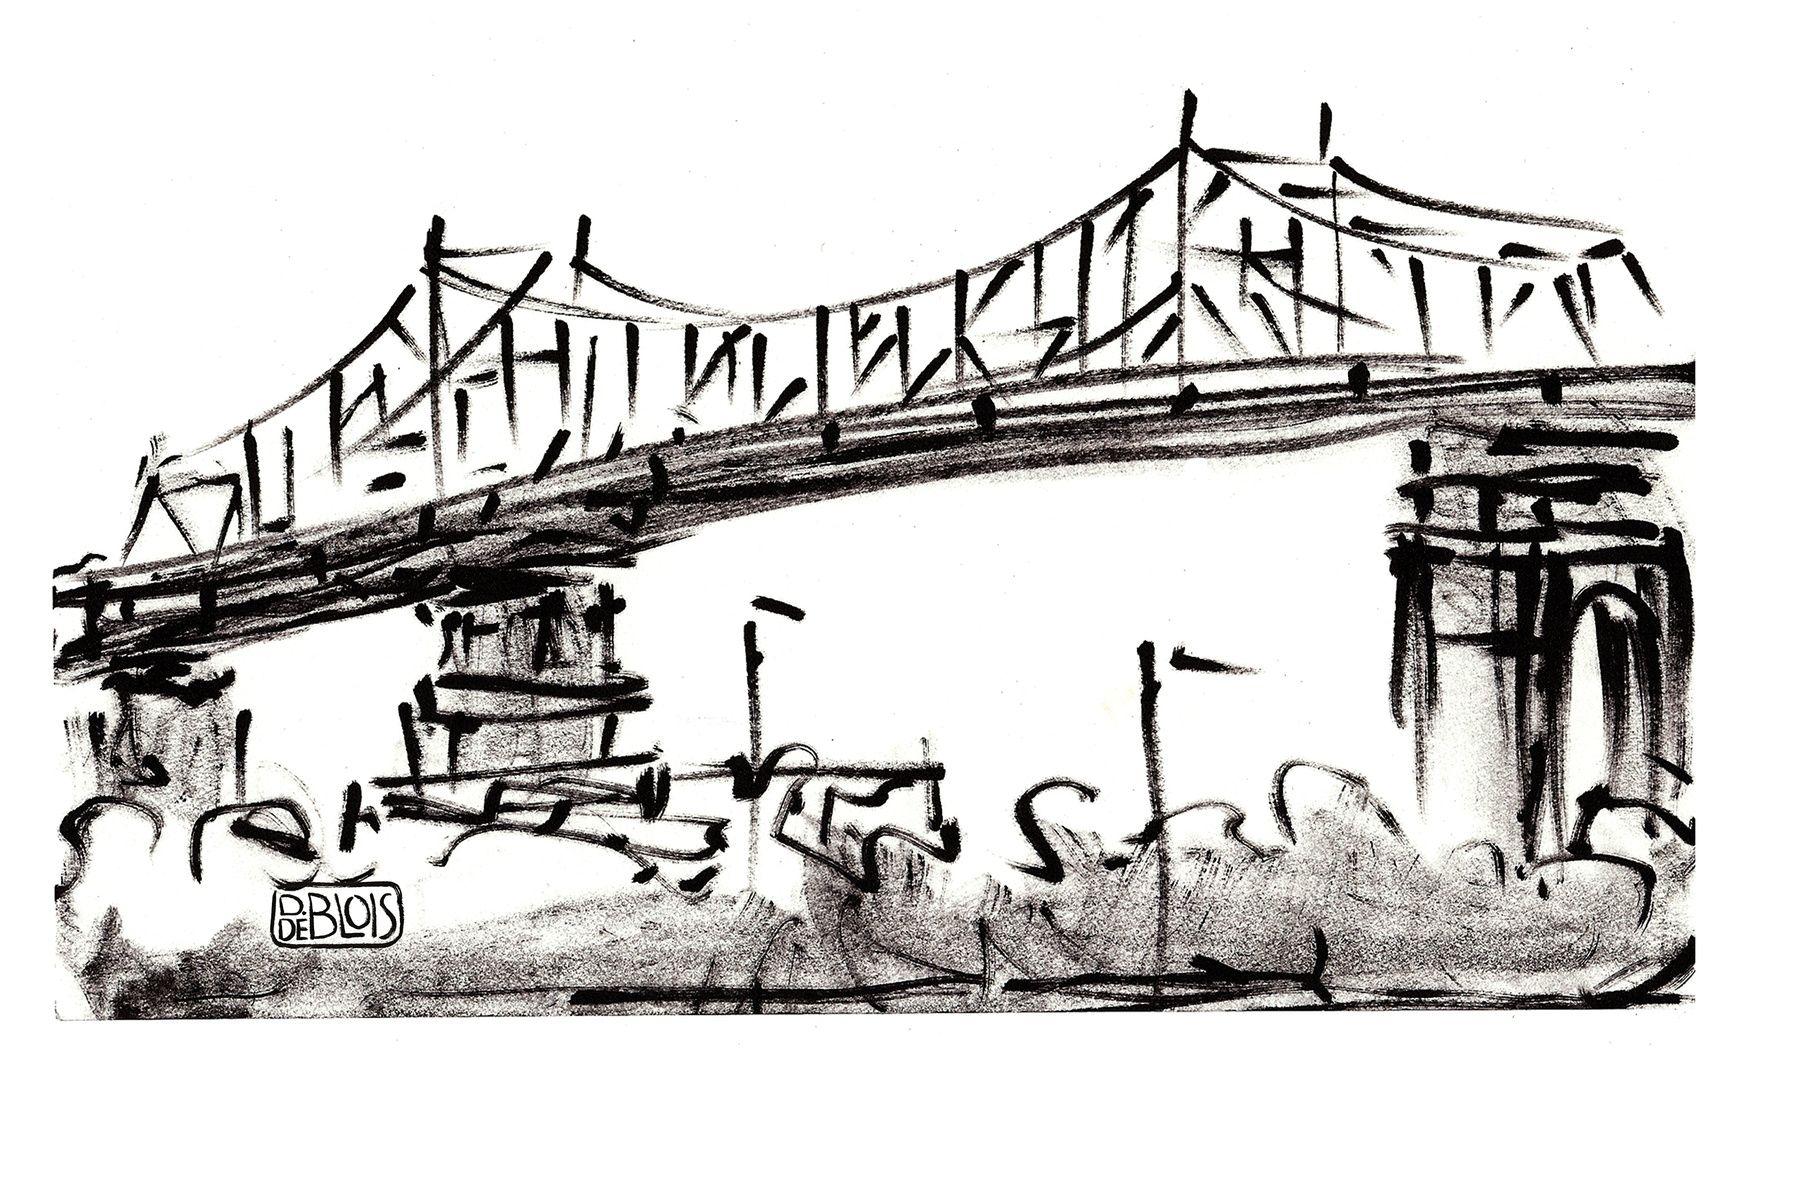 Resultats De Recherche D Images Pour Pont Jacques Cartier Dessin Future Jobs